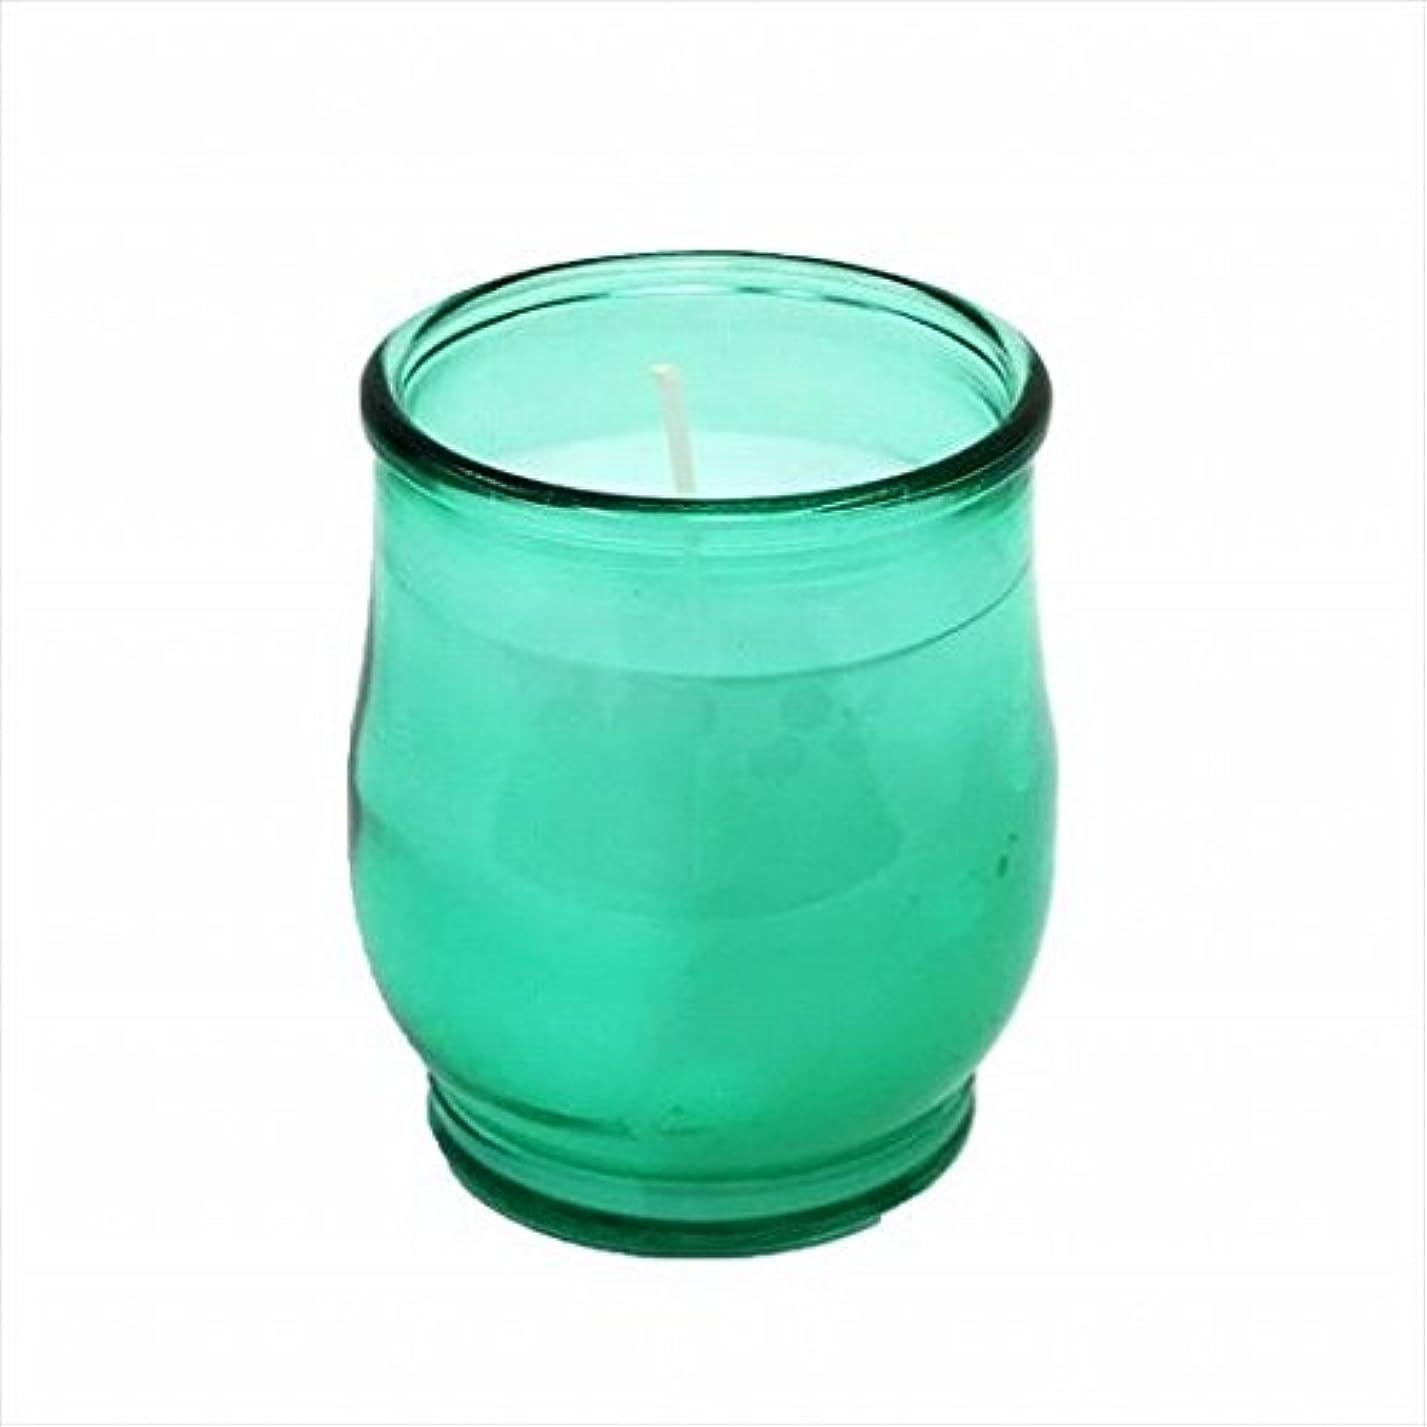 与えるテレビ酸kameyama candle(カメヤマキャンドル) ポシェ(非常用コップローソク) 「 グリーン(ライトカラー) 」 キャンドル 68x68x80mm (73020030G)